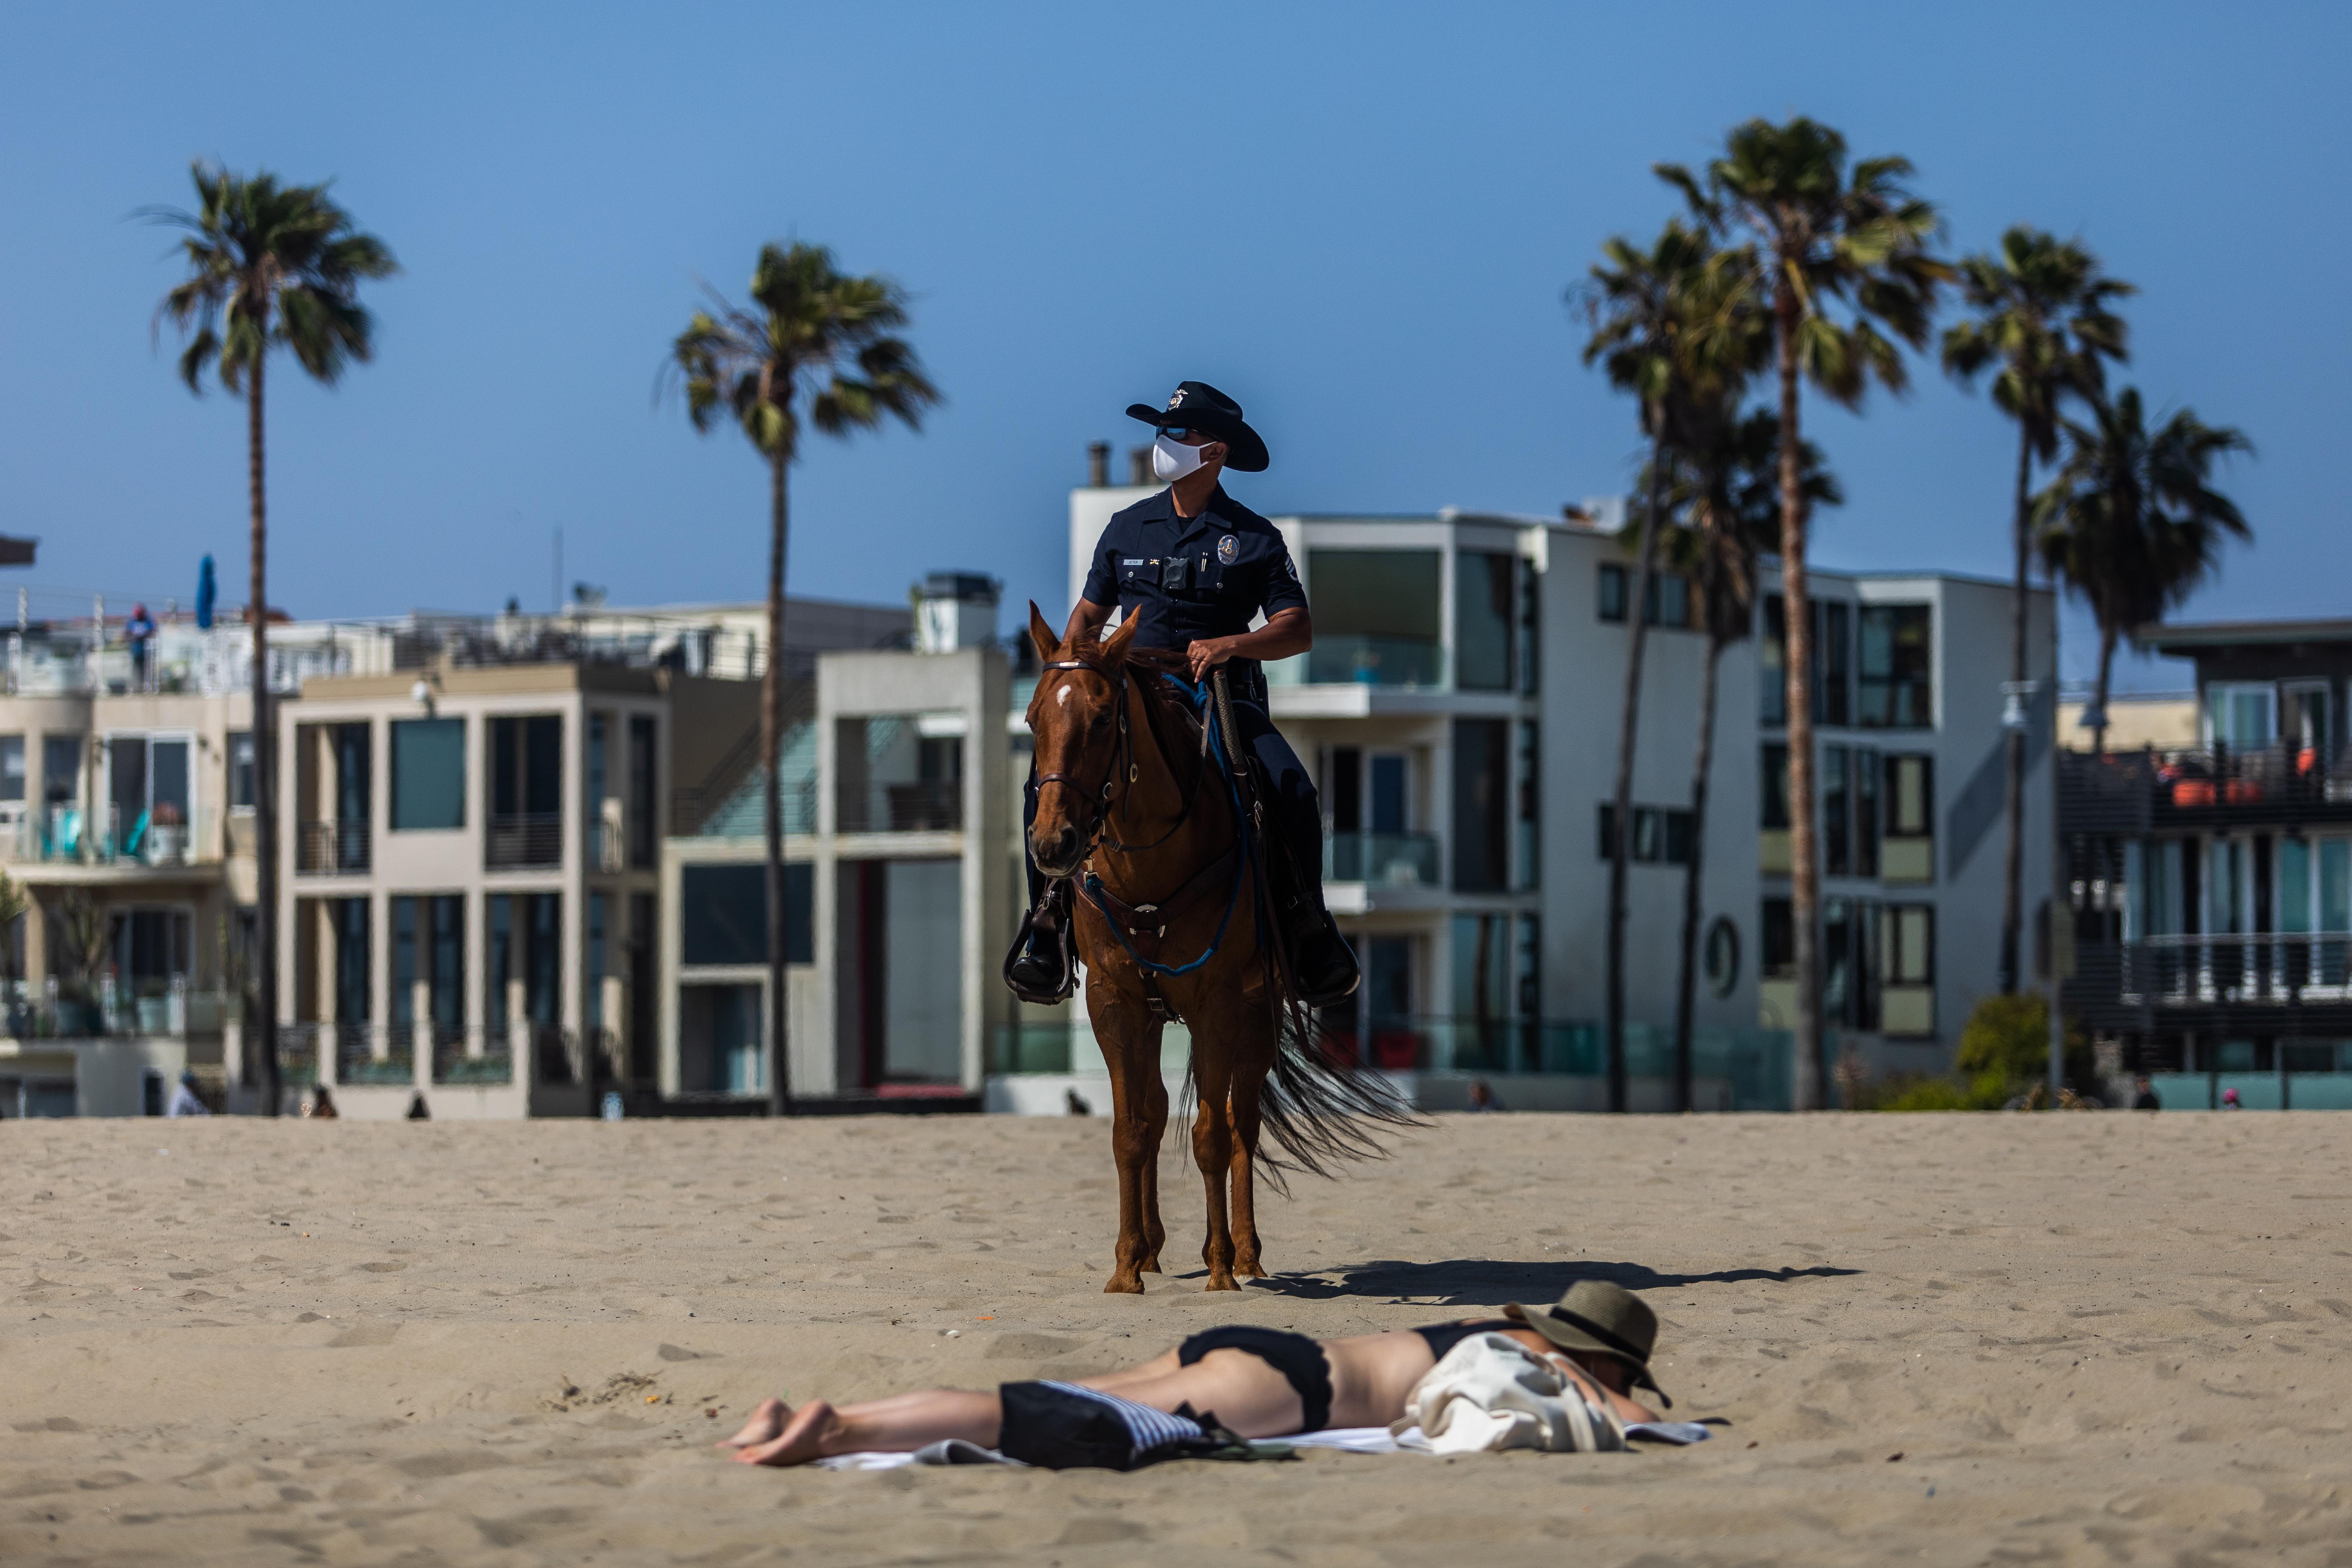 Un policía con mascarilla patrulla mientras una mujer se asolea en Venice Beach, California